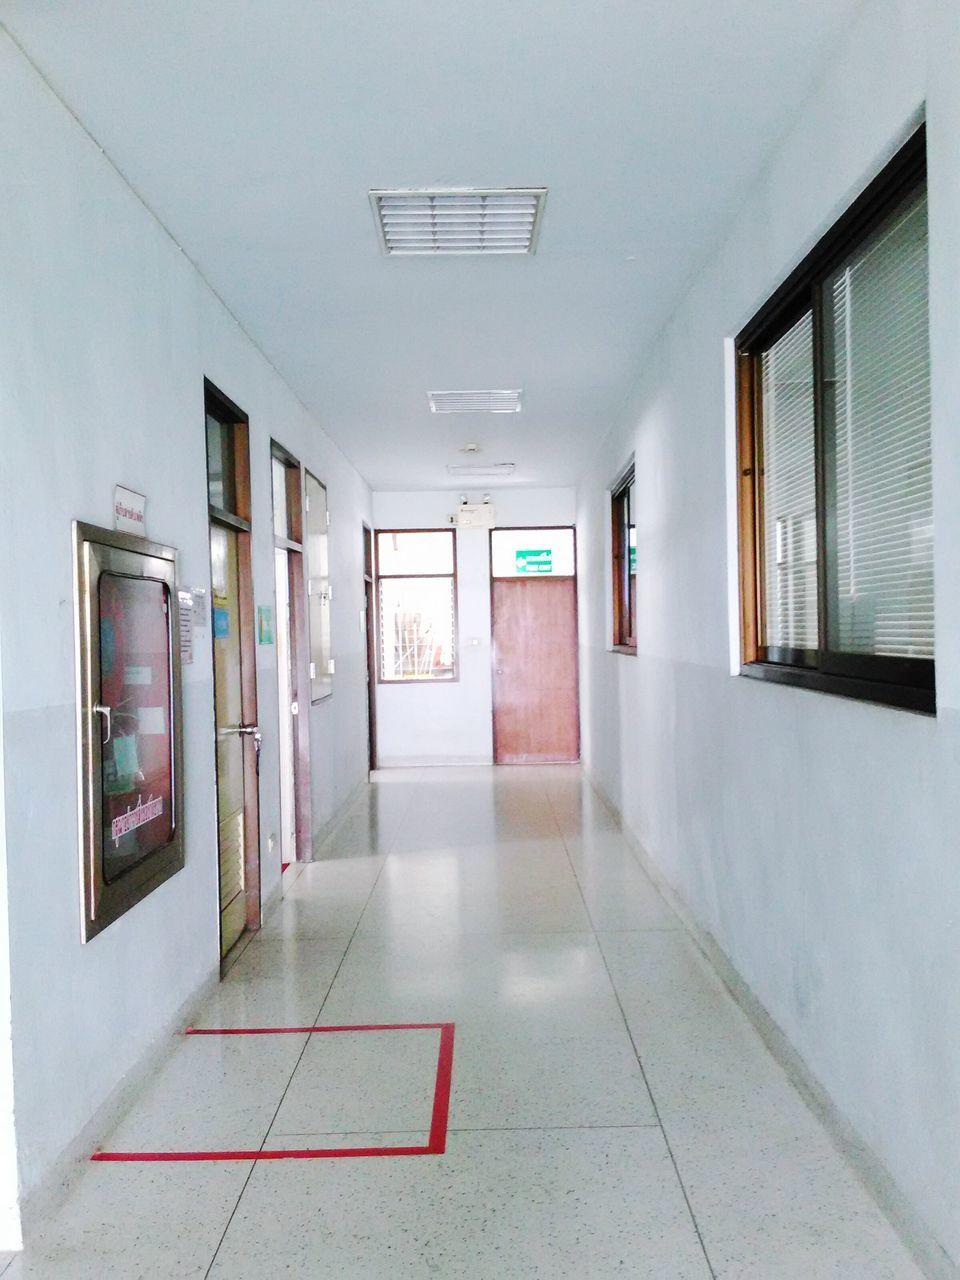 empty, indoors, corridor, the way forward, door, architecture, no people, built structure, day